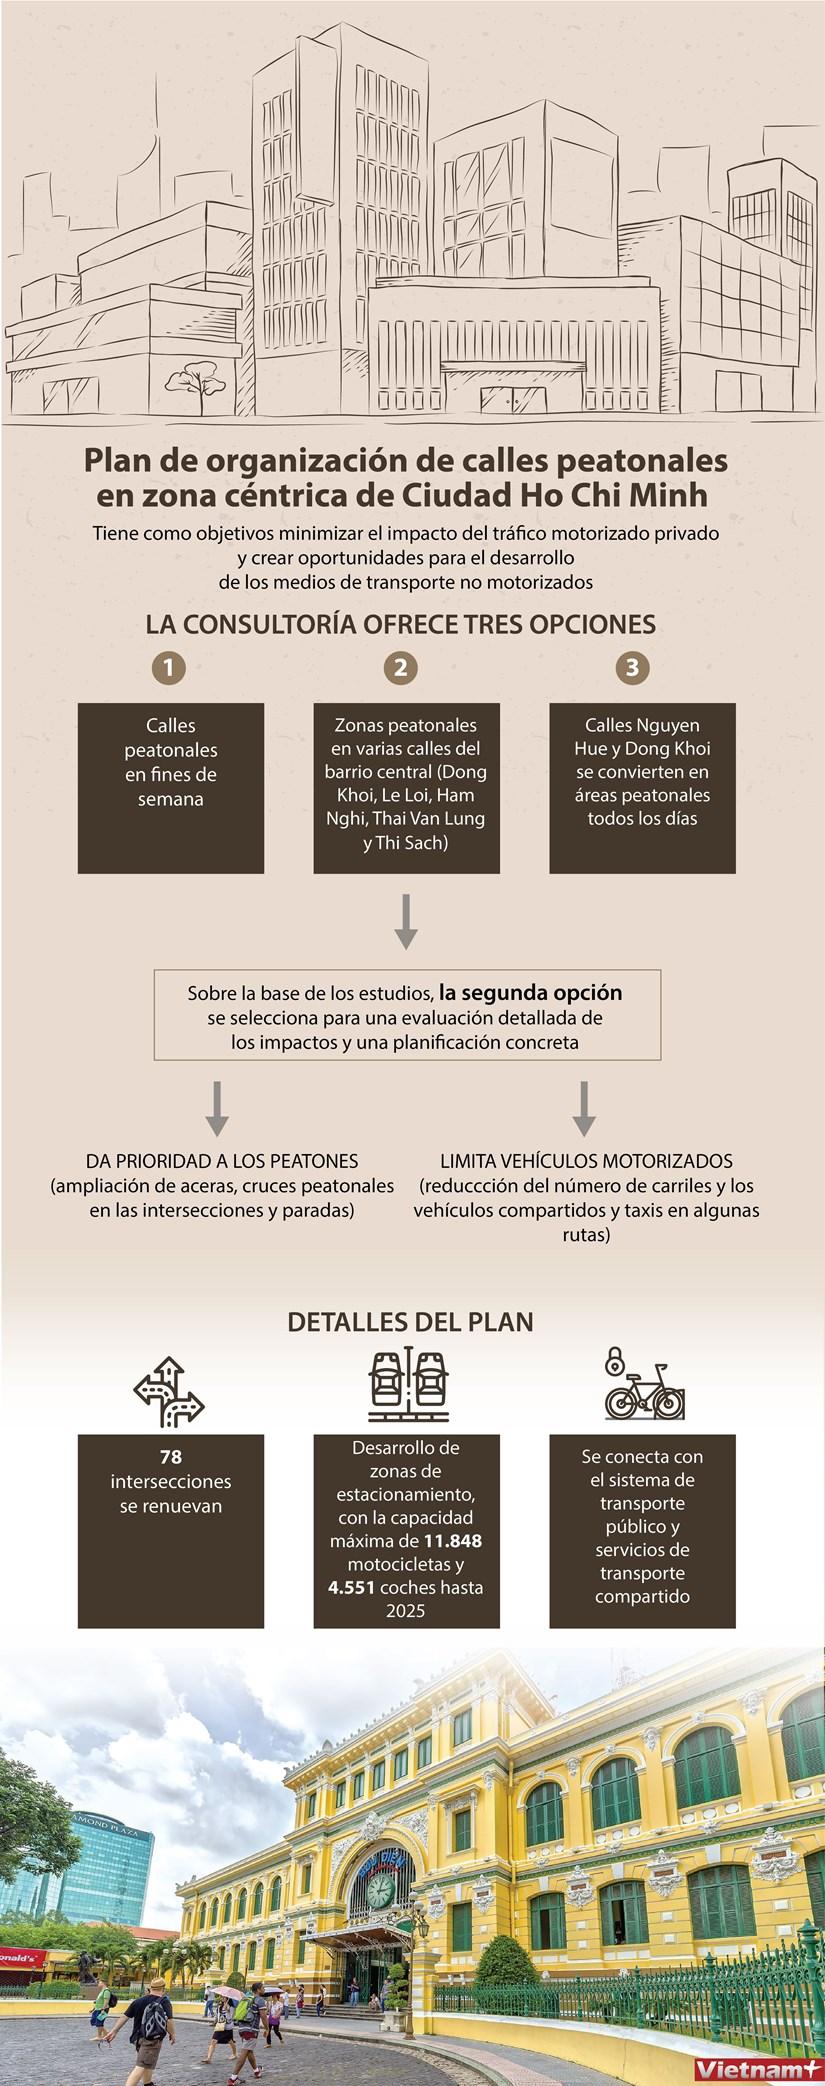 Plan de organizacion de calles peatonales en zona centrica de Ciudad Ho Chi Minh hinh anh 1